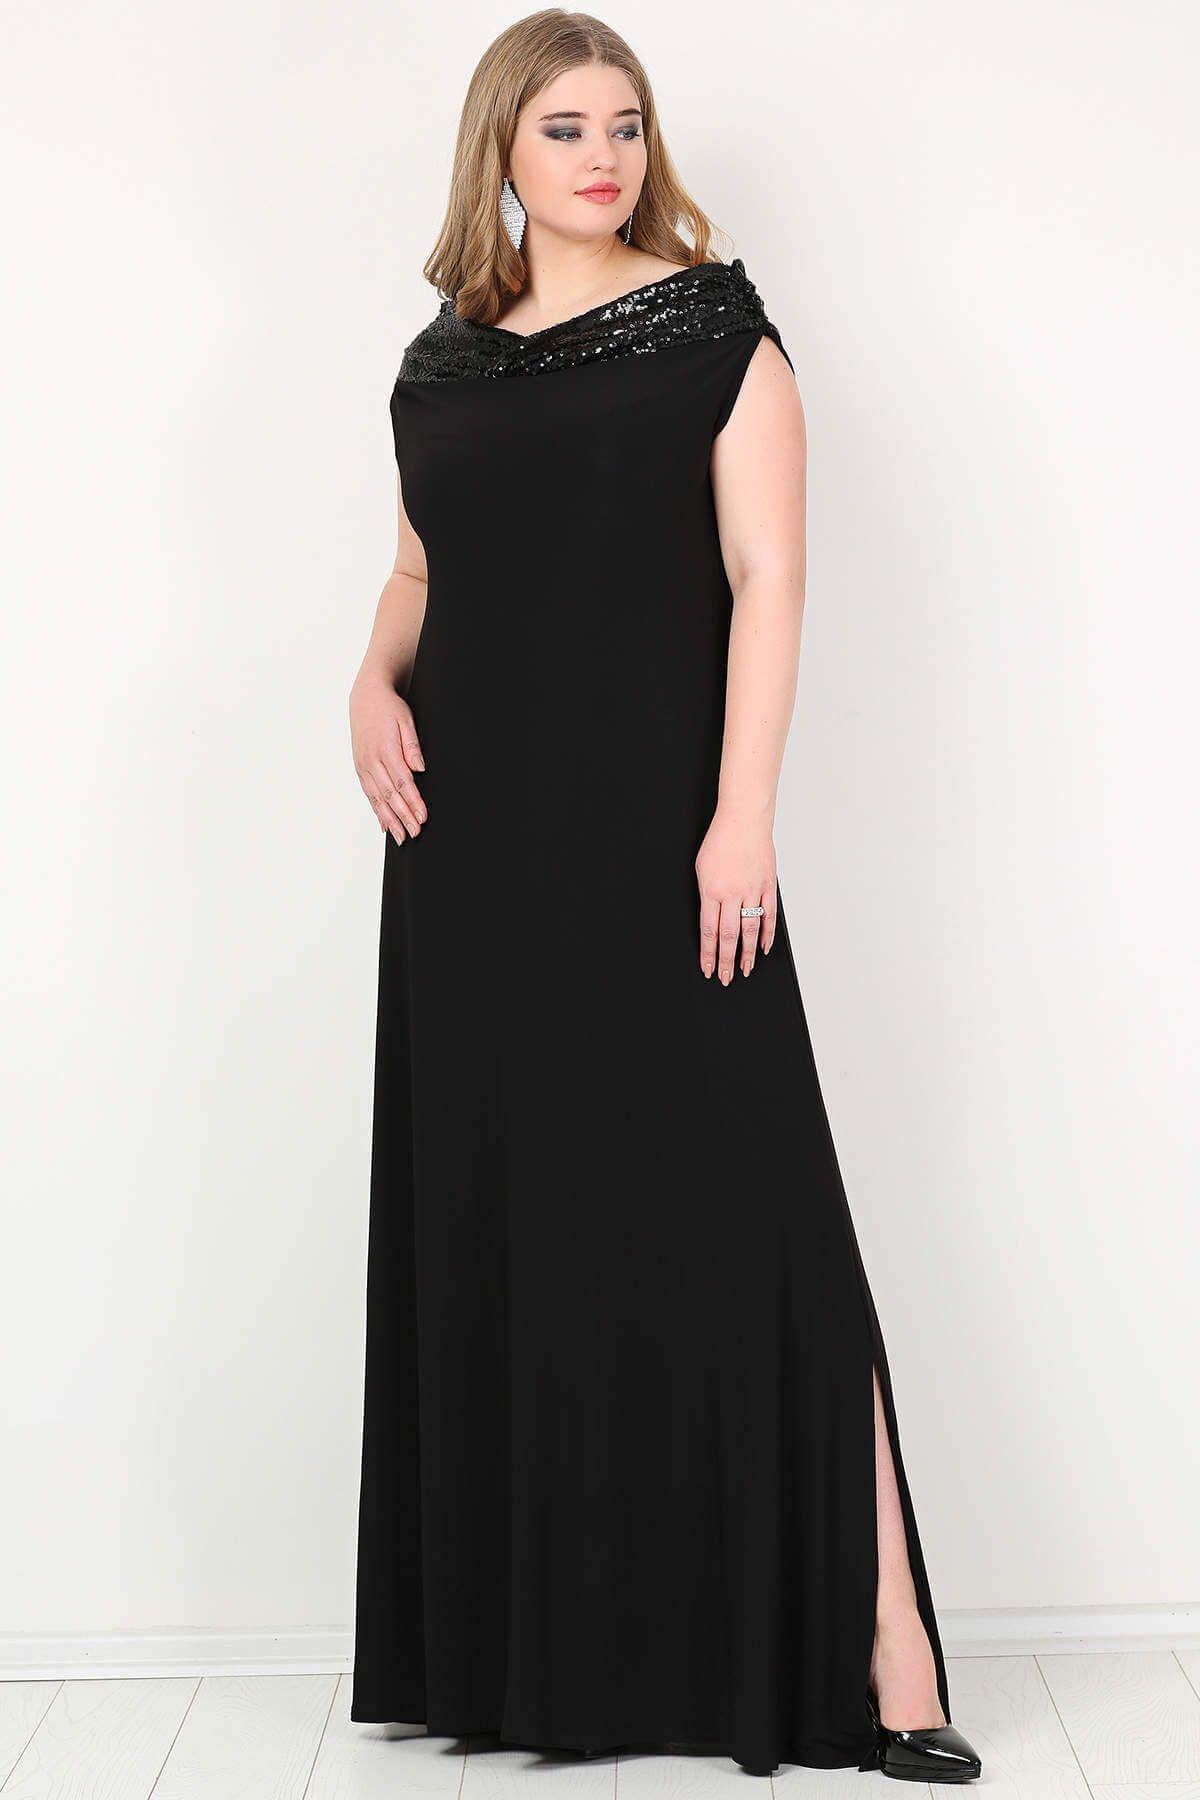 db38a22bec576 KL126P Büyük Beden Öpücük Yaka Payetli Likralı Uzun Abiye Elbise Siyah